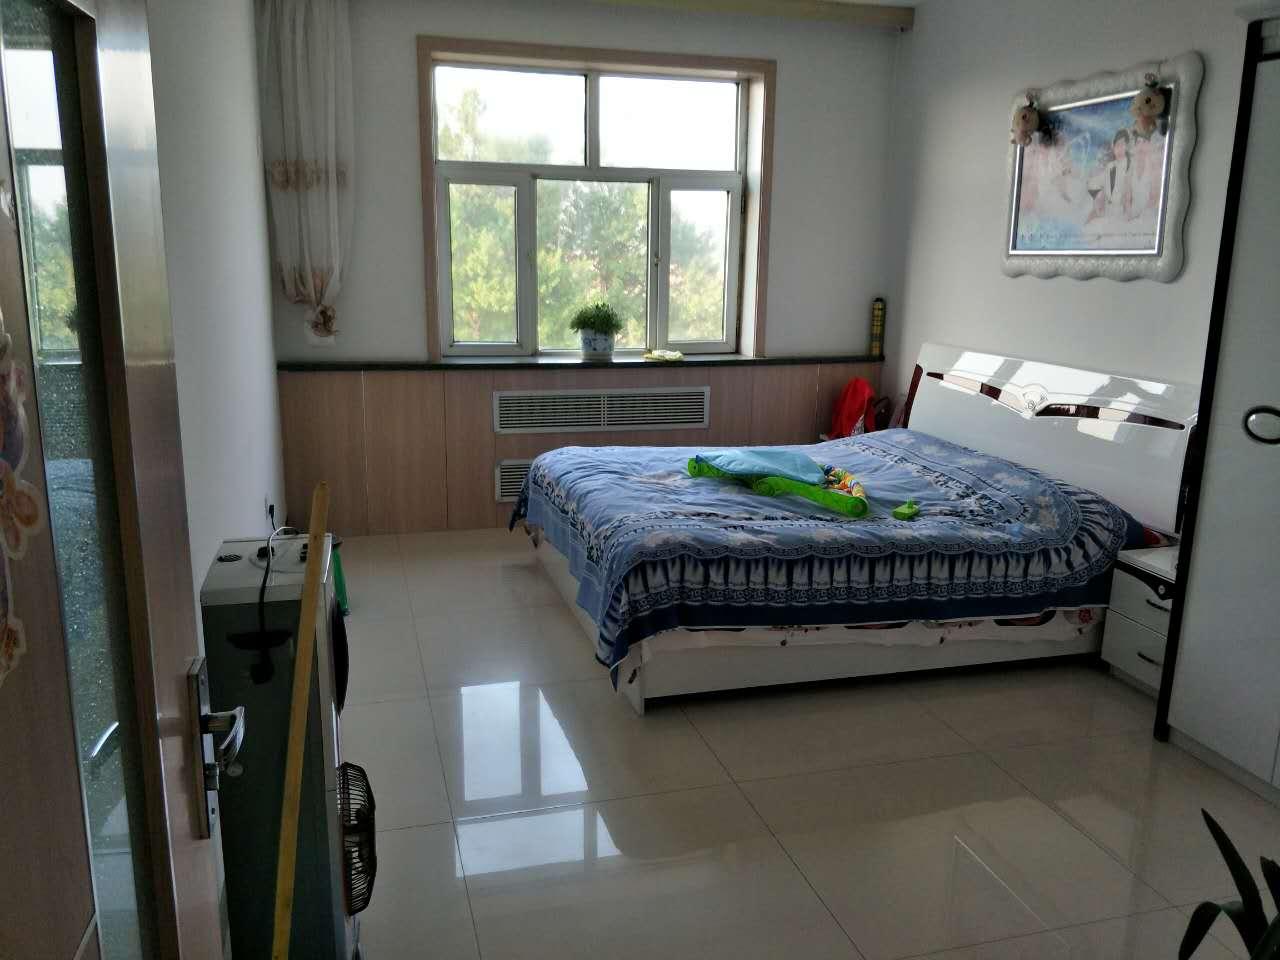 左云范家寺小区三室一厅带全新家具便宜出售